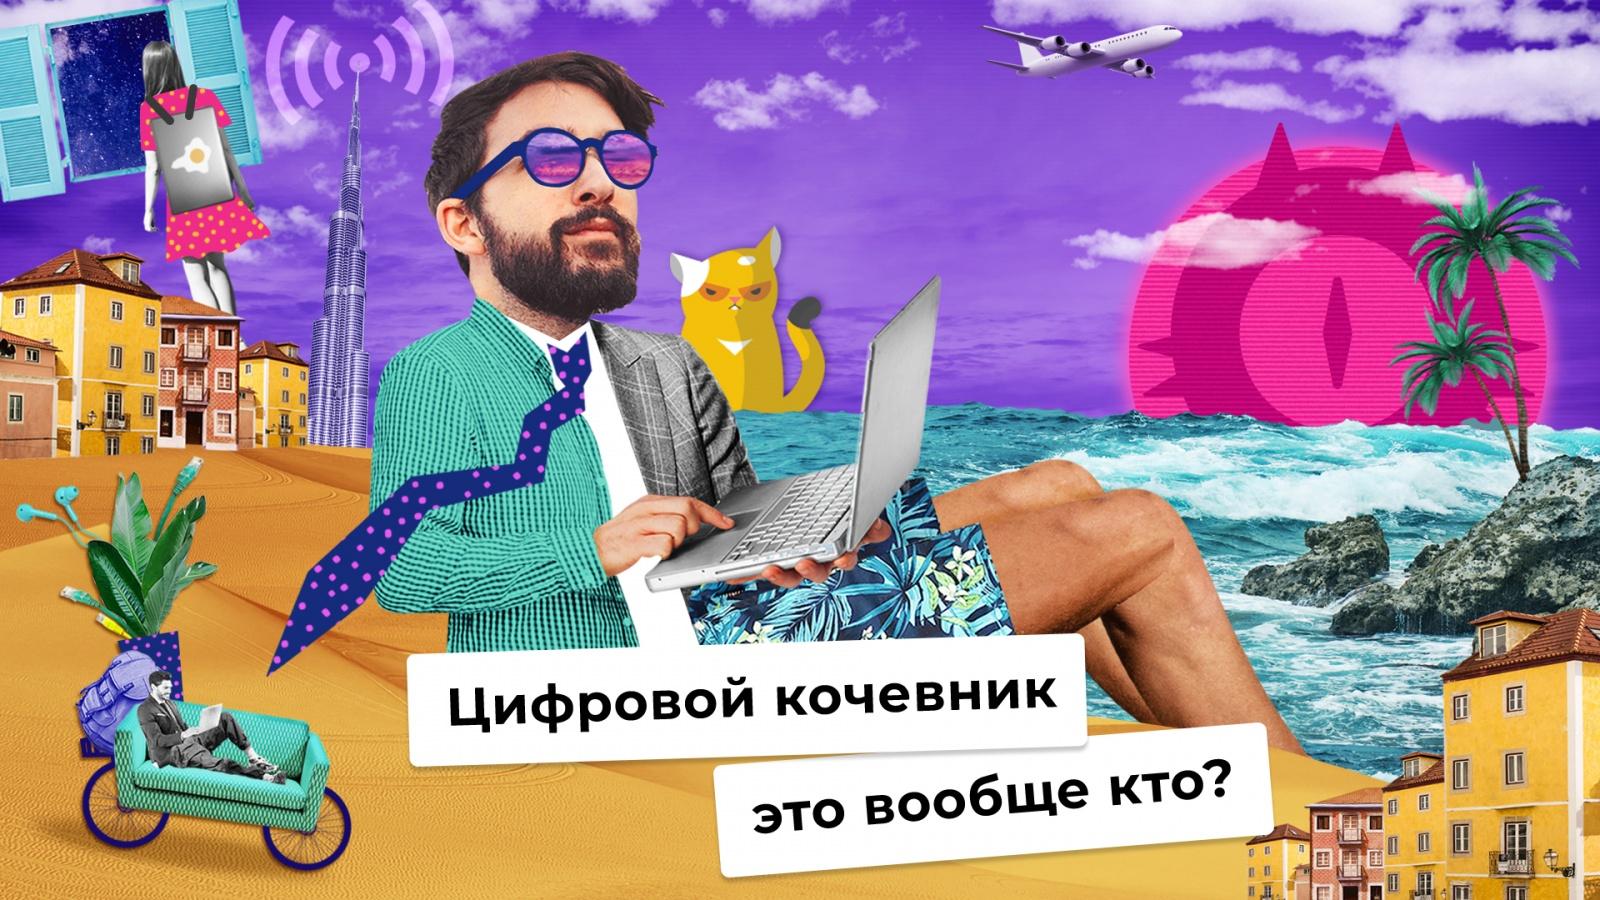 сидит мужик в очках на пляже с ноутбуком